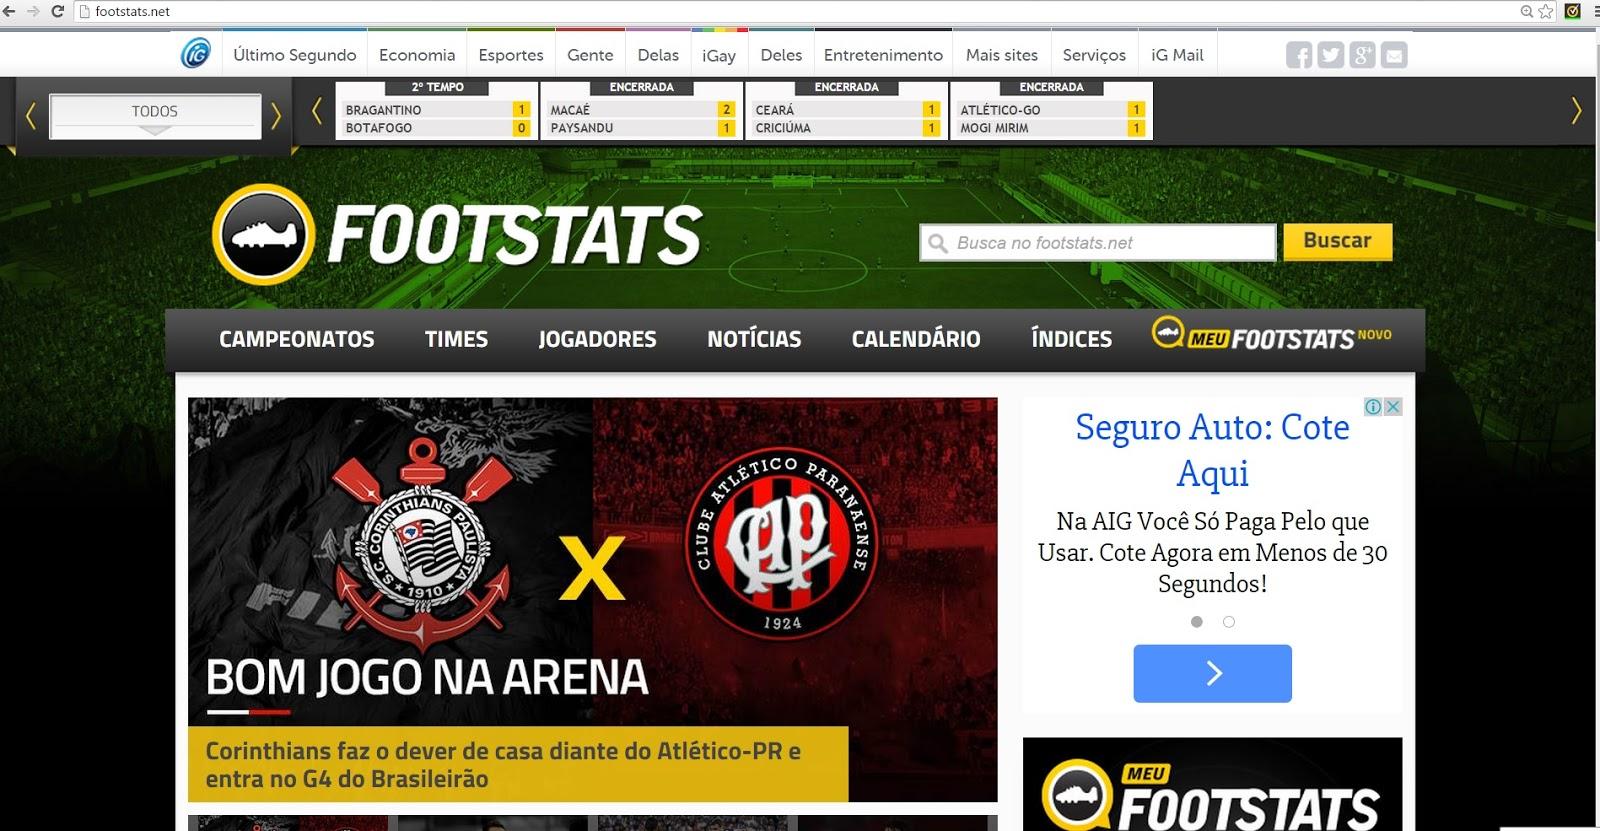 33067a0ce6 Bola Pensante  Footstats  site especializado em estatísticas do futebol